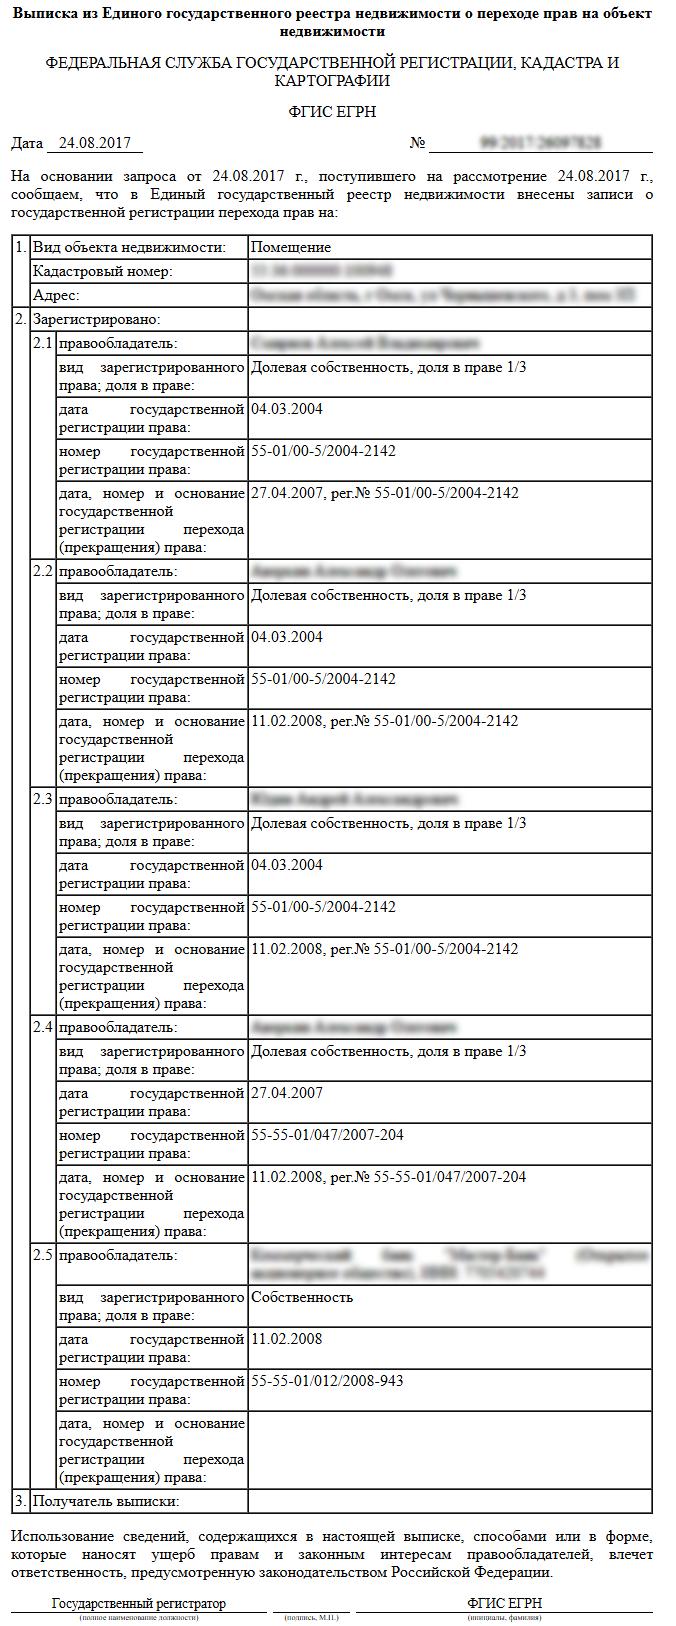 Расширенная выписка из егрн со сведениями о собственниках